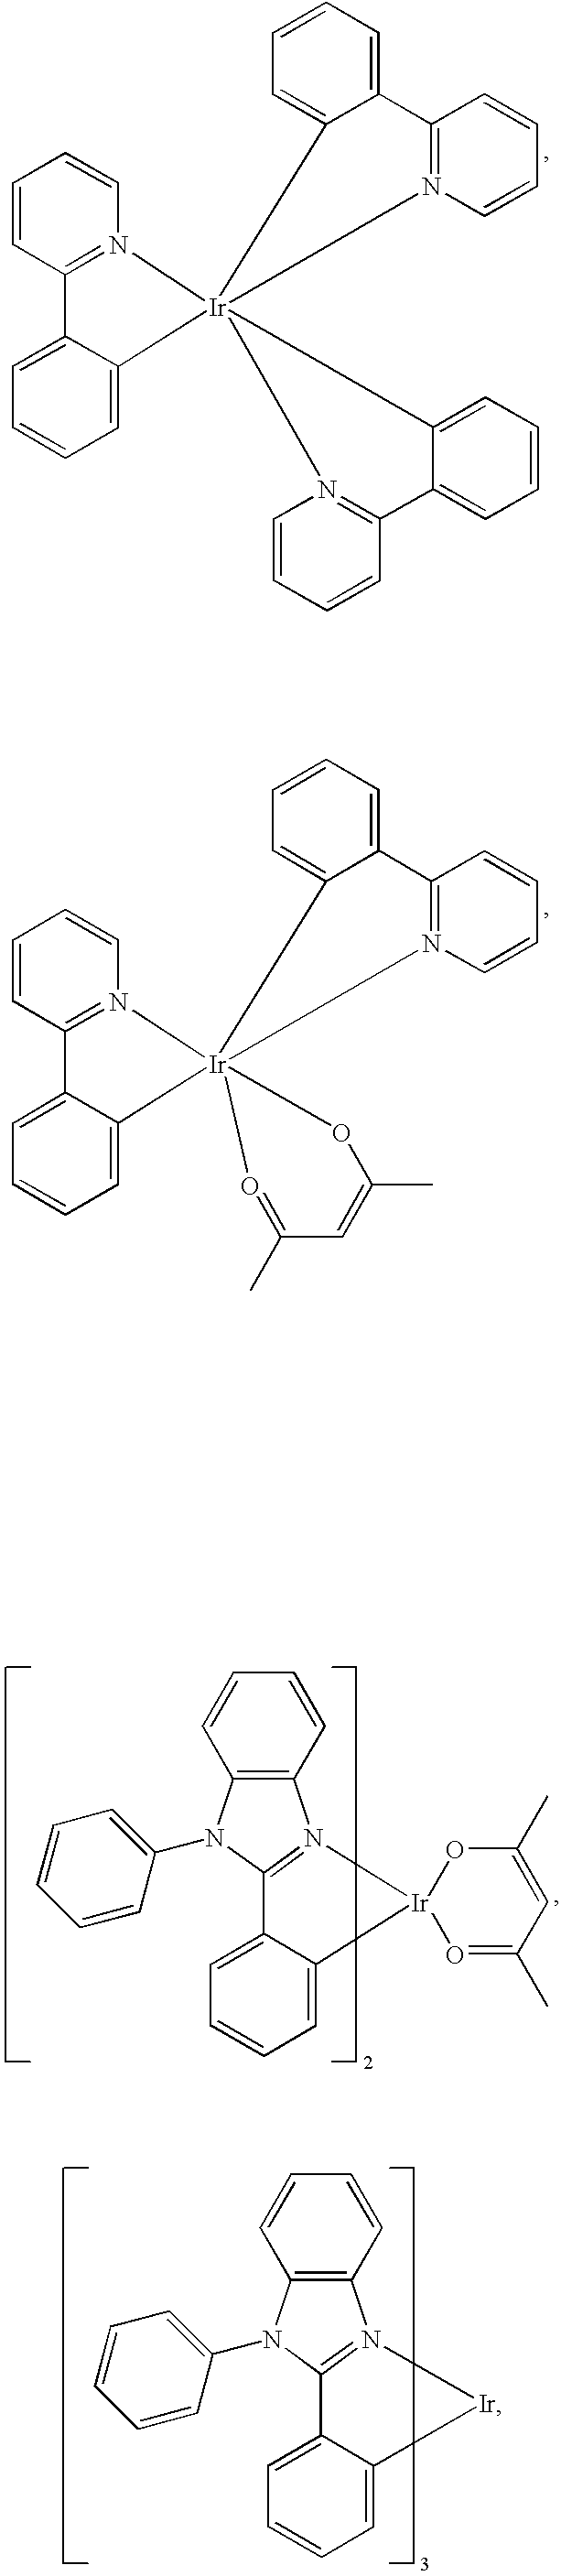 Figure US20100072887A1-20100325-C00220